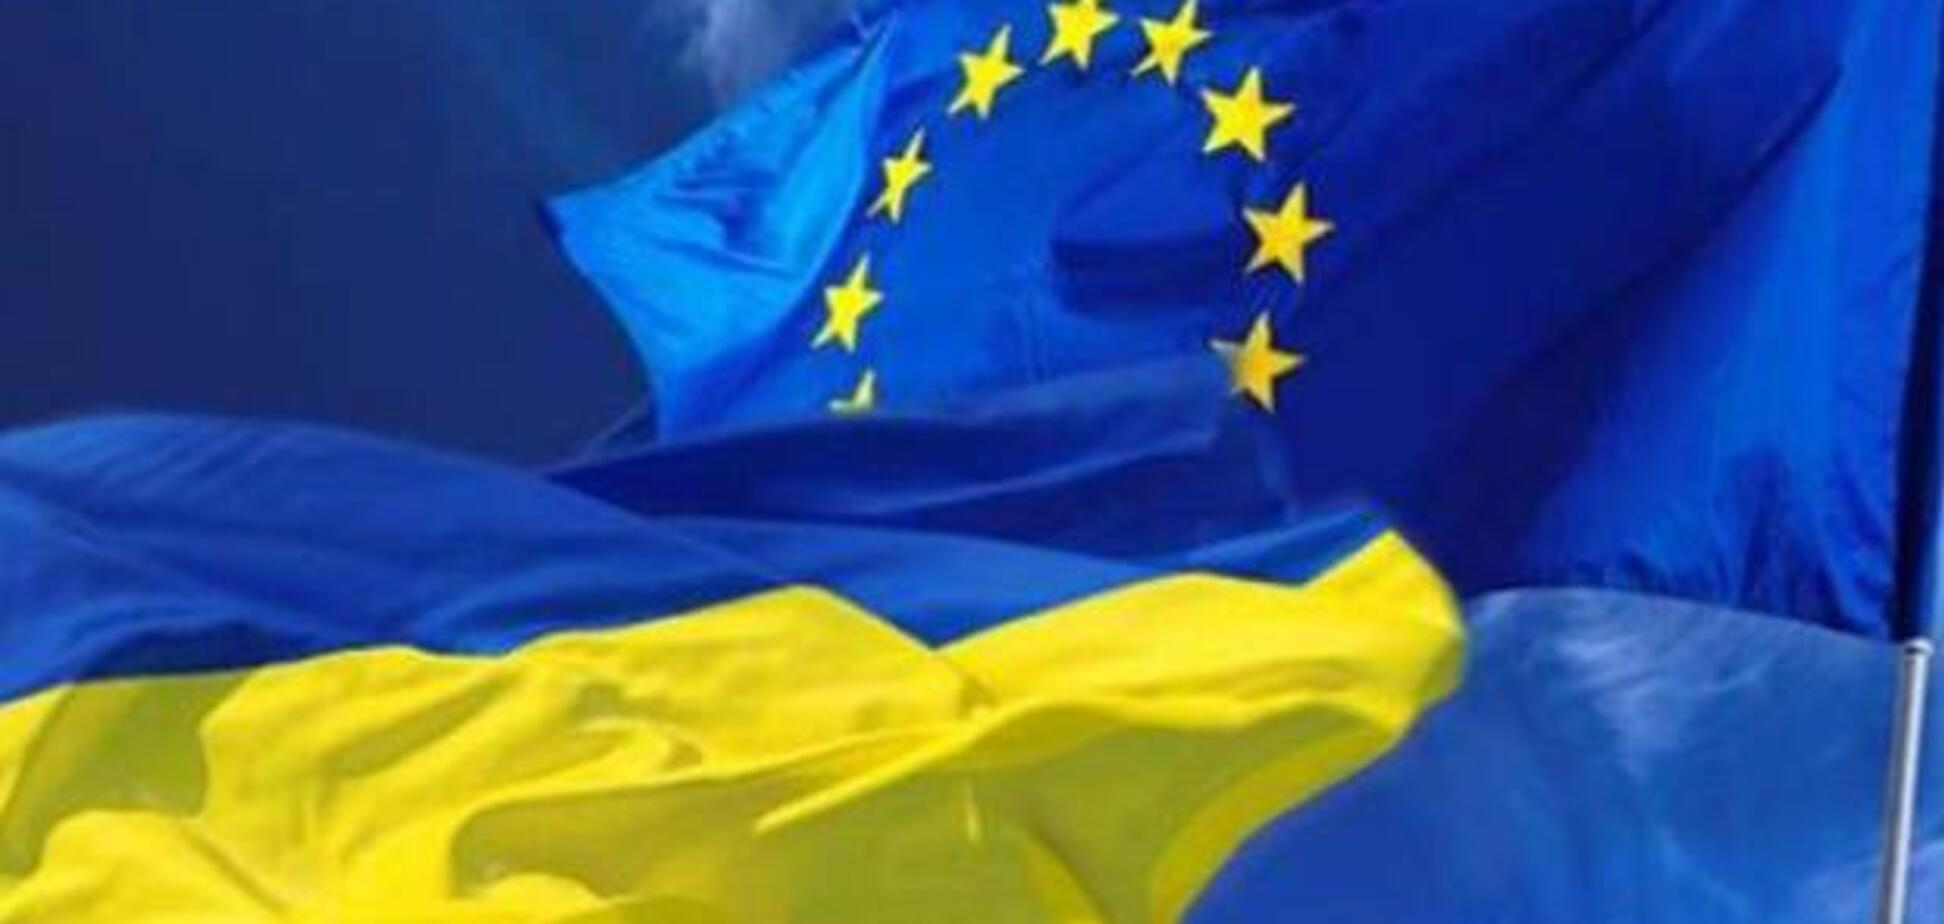 Асоціація, реформи і Росія: названі теми саміту Україна-ЄС